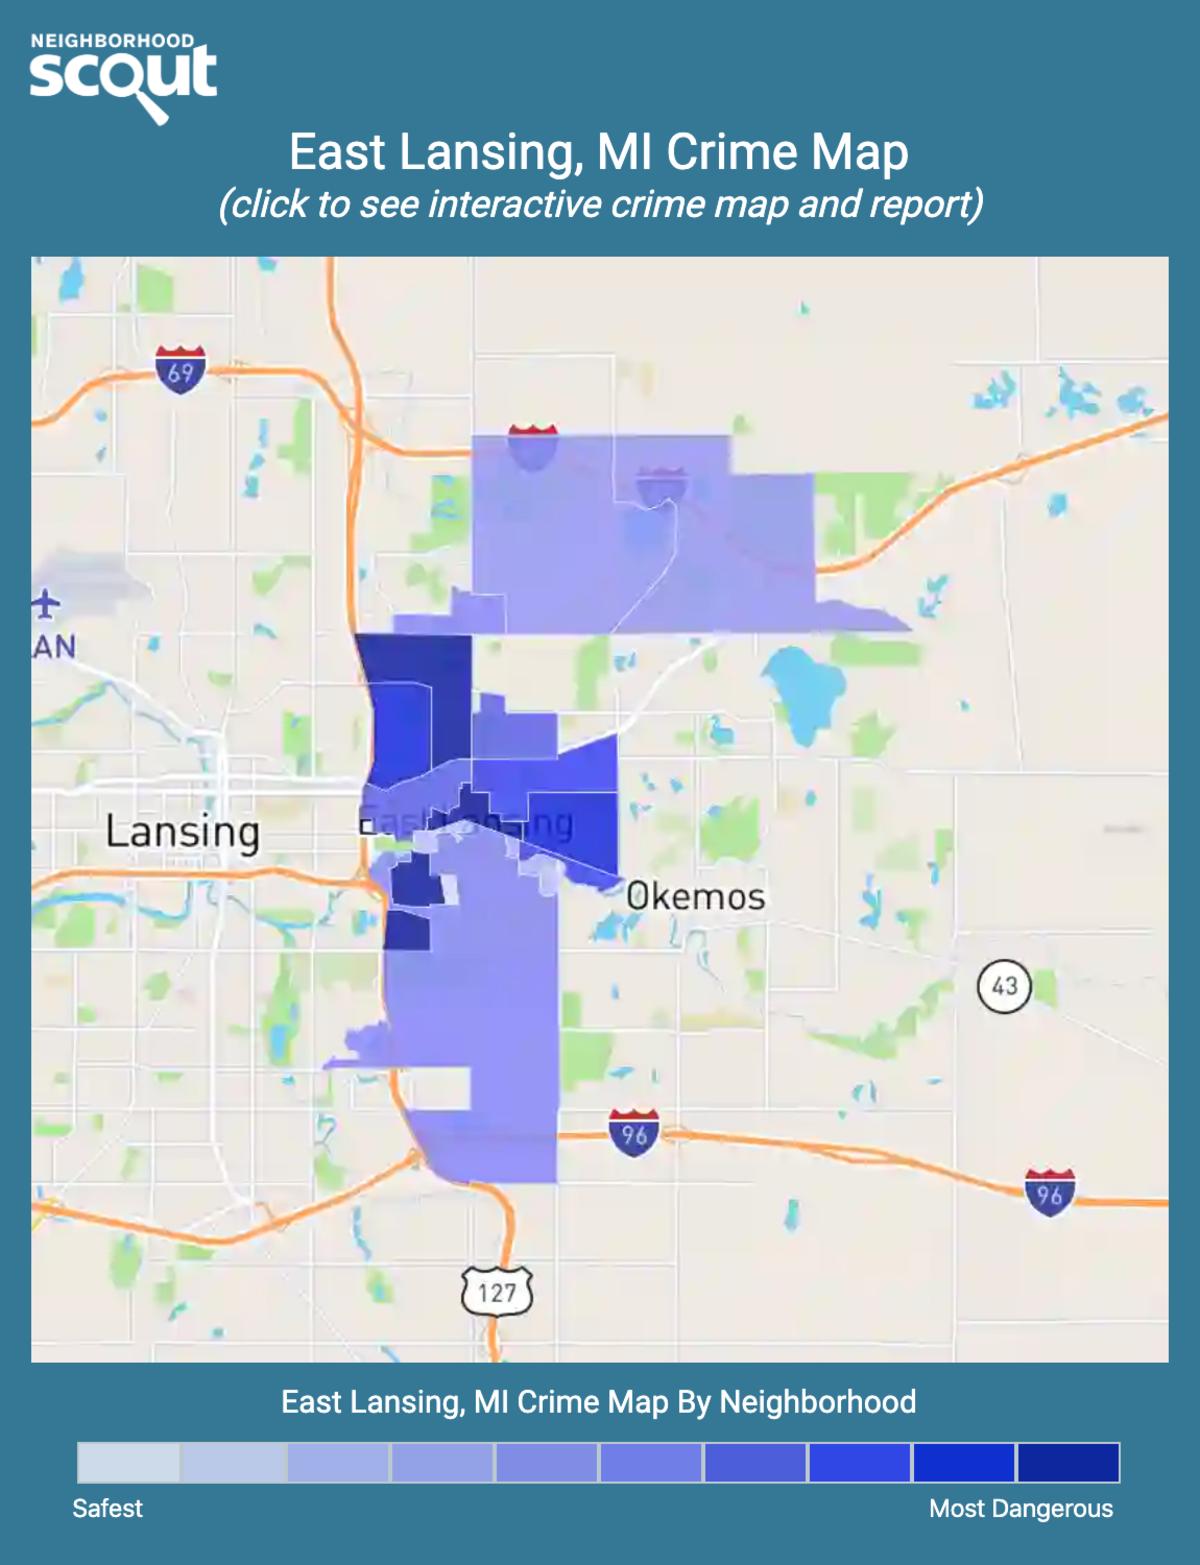 East Lansing, Michigan crime map